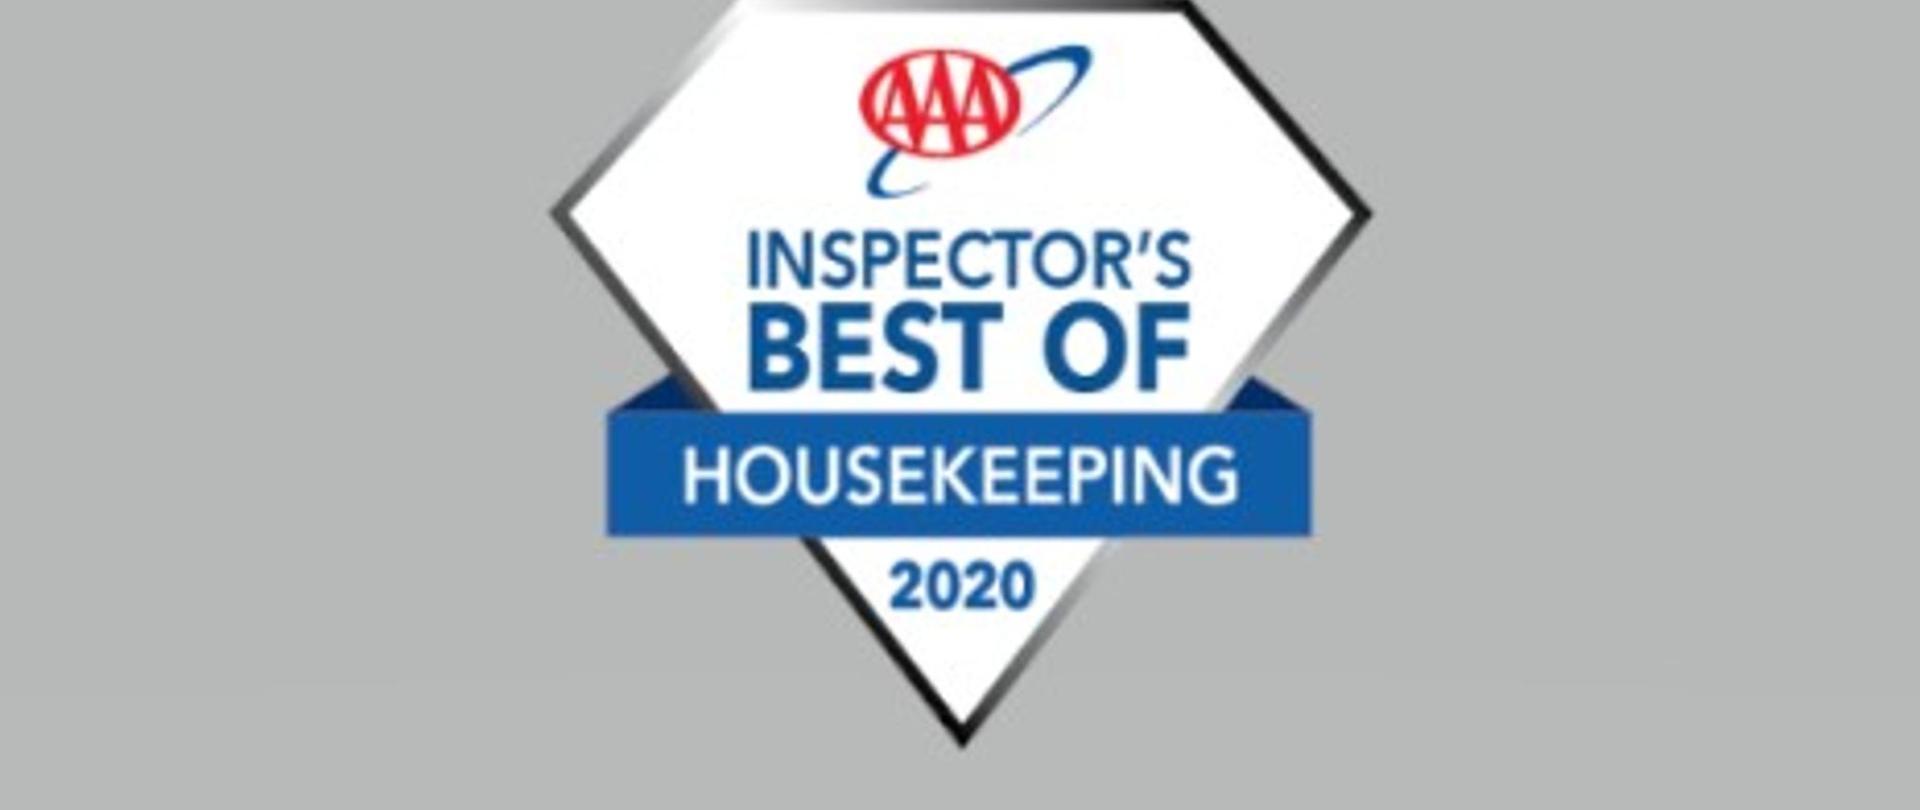 2020_Best_Of_Housekeeping2.jpg